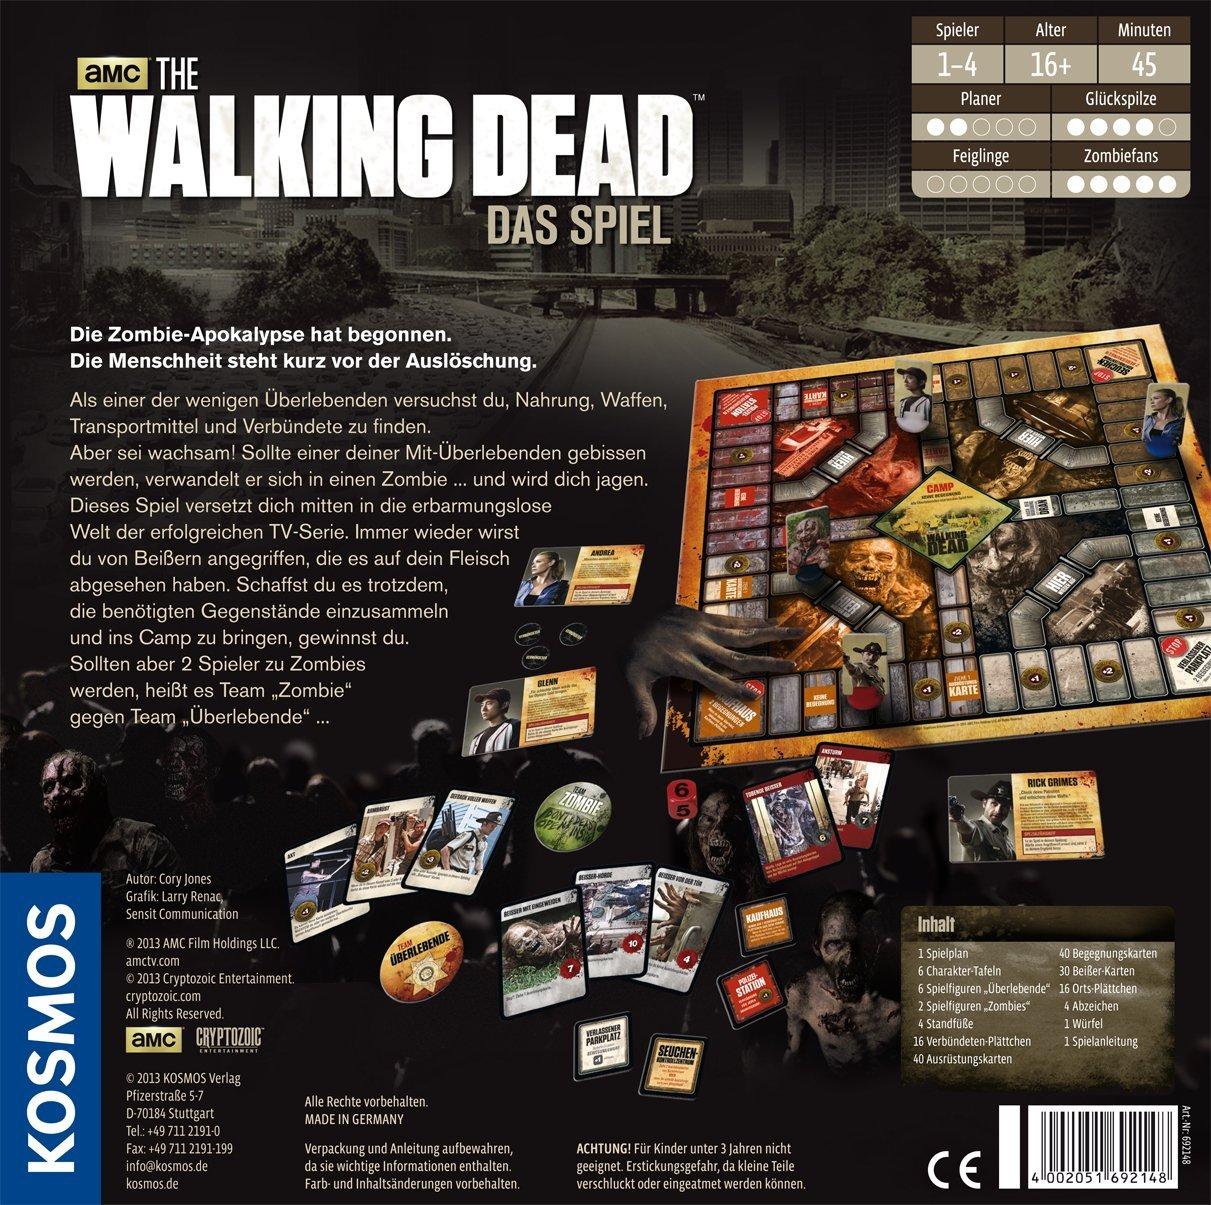 The Walking Dead Brettspiel